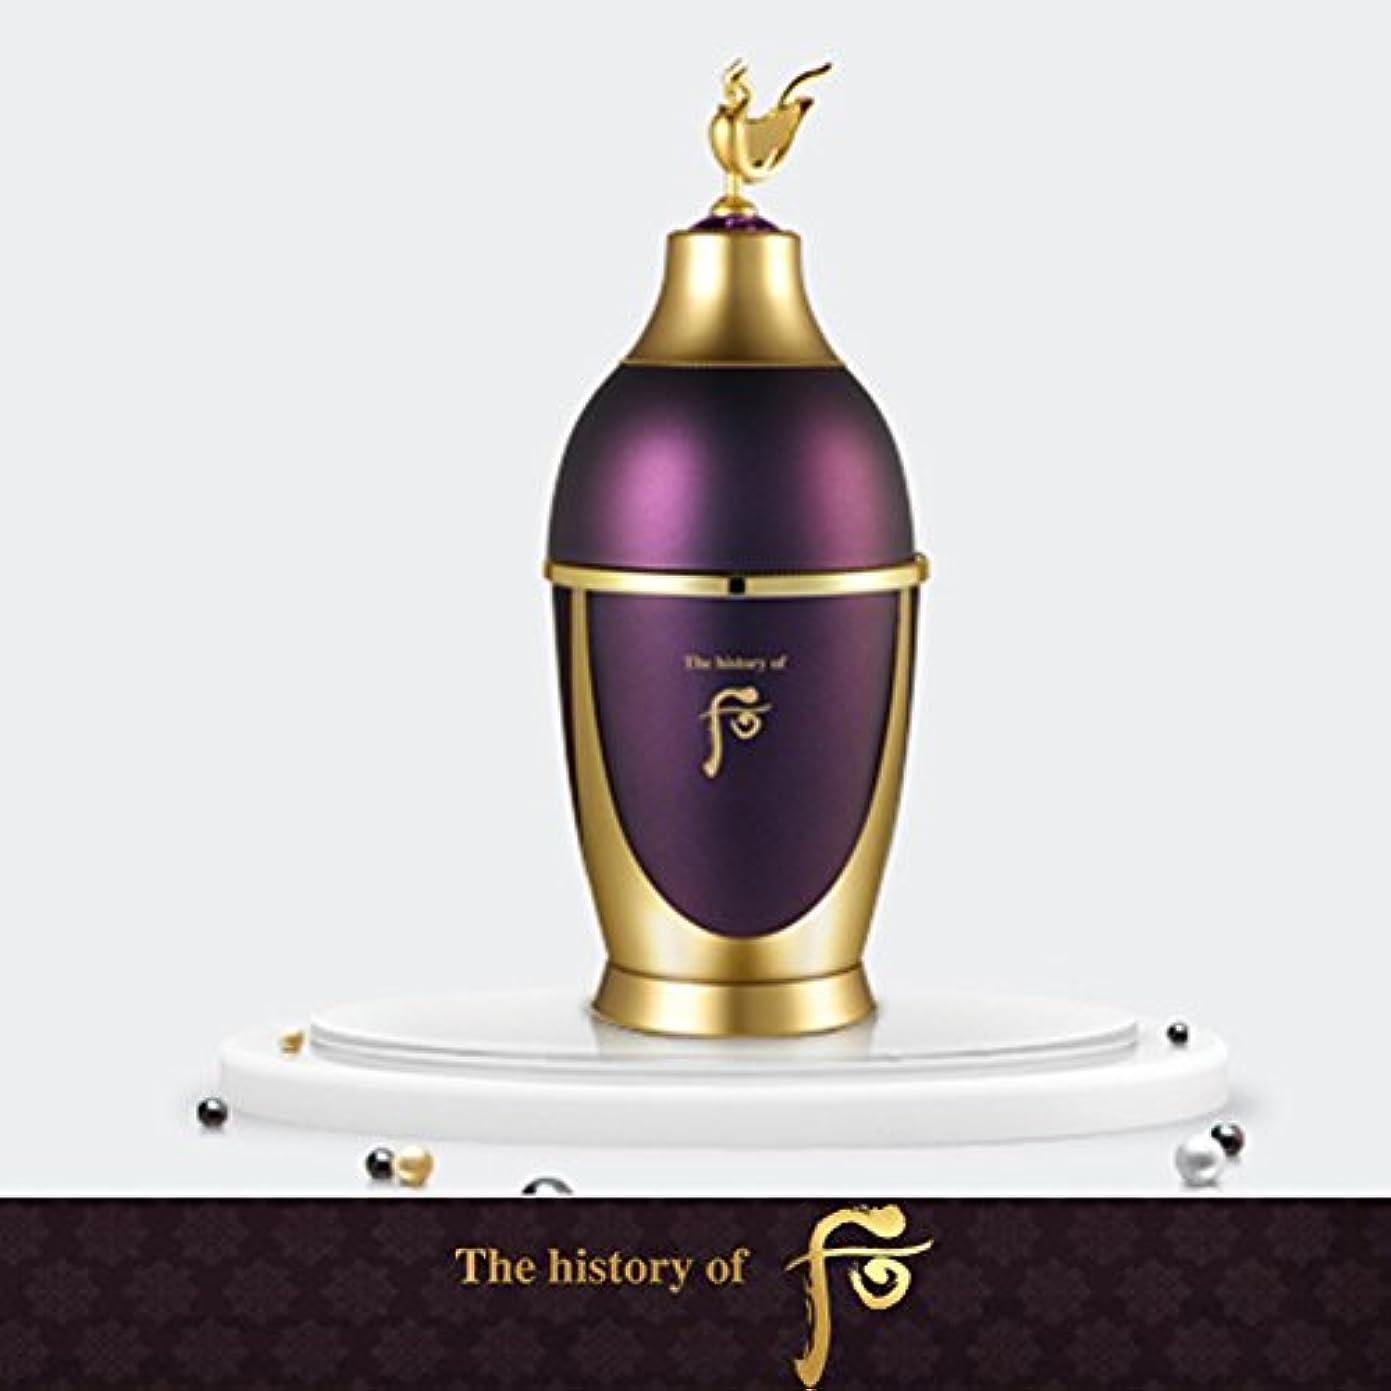 準備した欲望ルビー【フー/The history of whoo] Whoo后 Hwanyu Essence/后(フー)よりヒストリー?オブ?後環ユーゴエッセンス50ml+[Sample Gift](海外直送品)